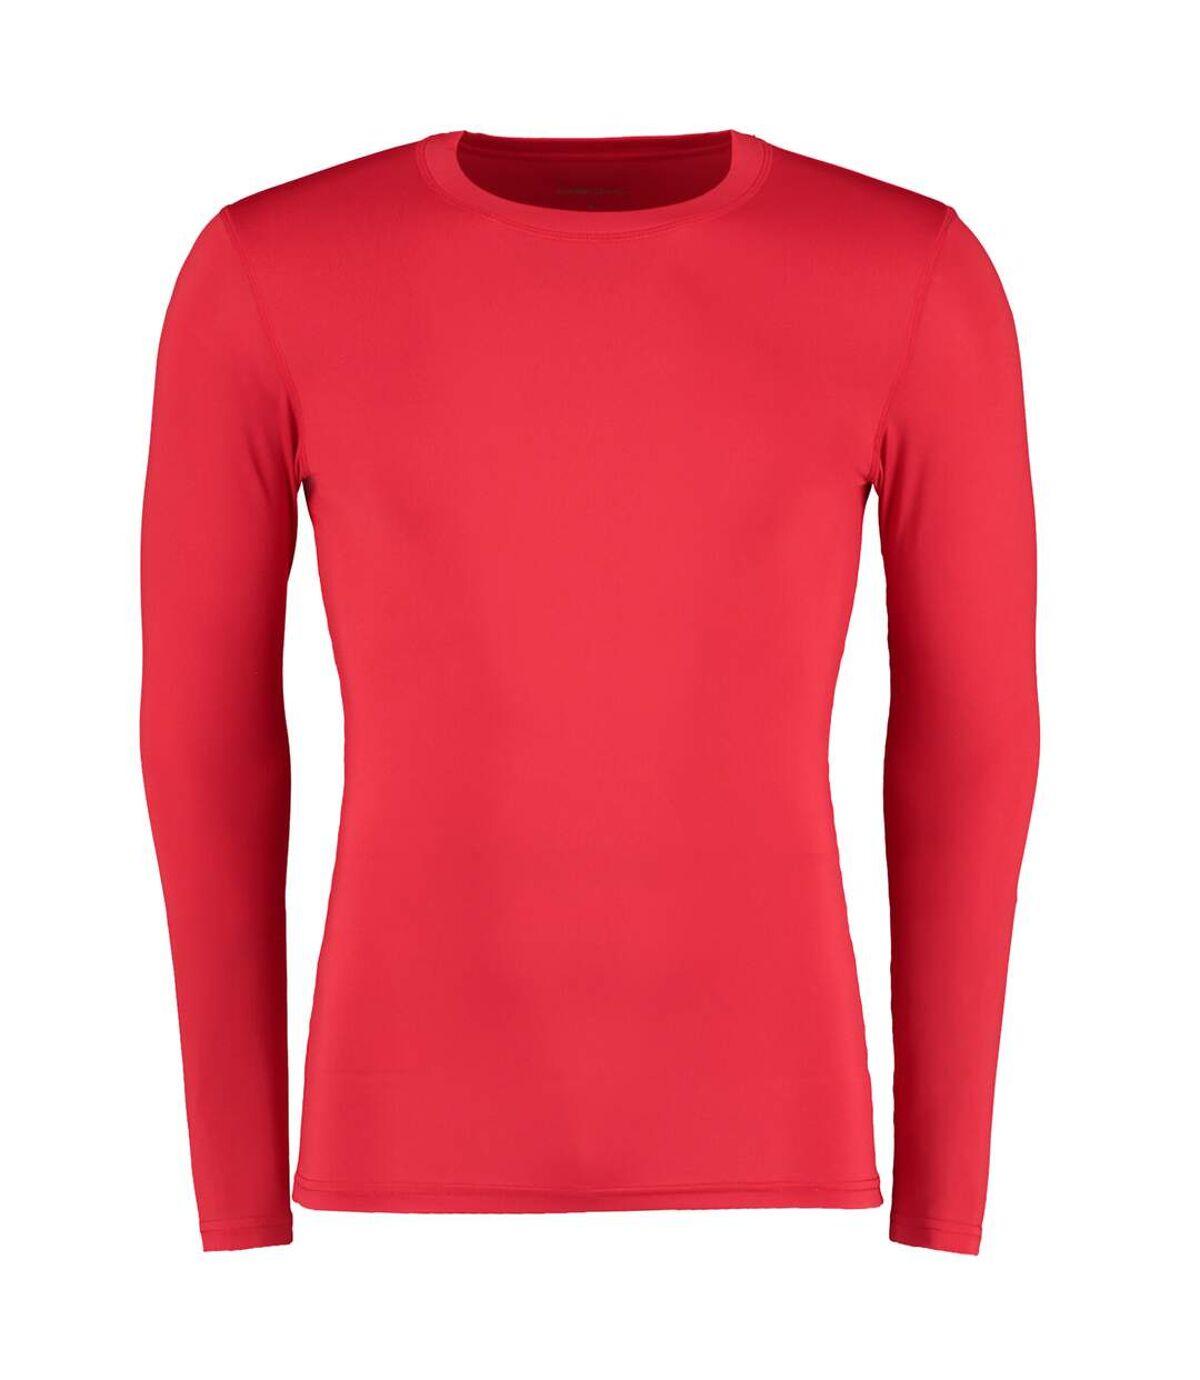 Gamegear® Warmtex - T-shirt thermique à manches longues - Homme (Rouge) - UTBC438